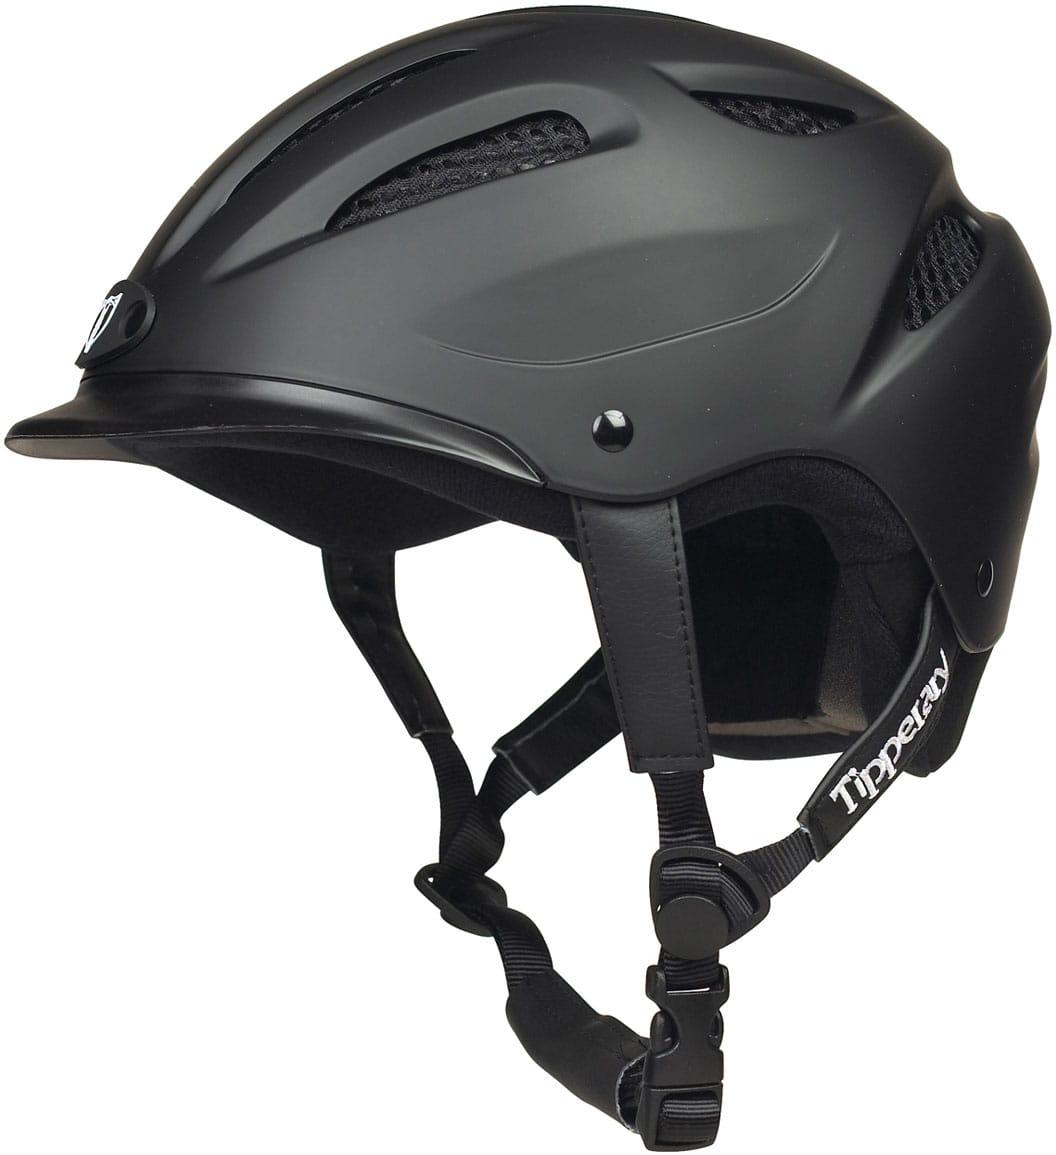 tipperary helmets